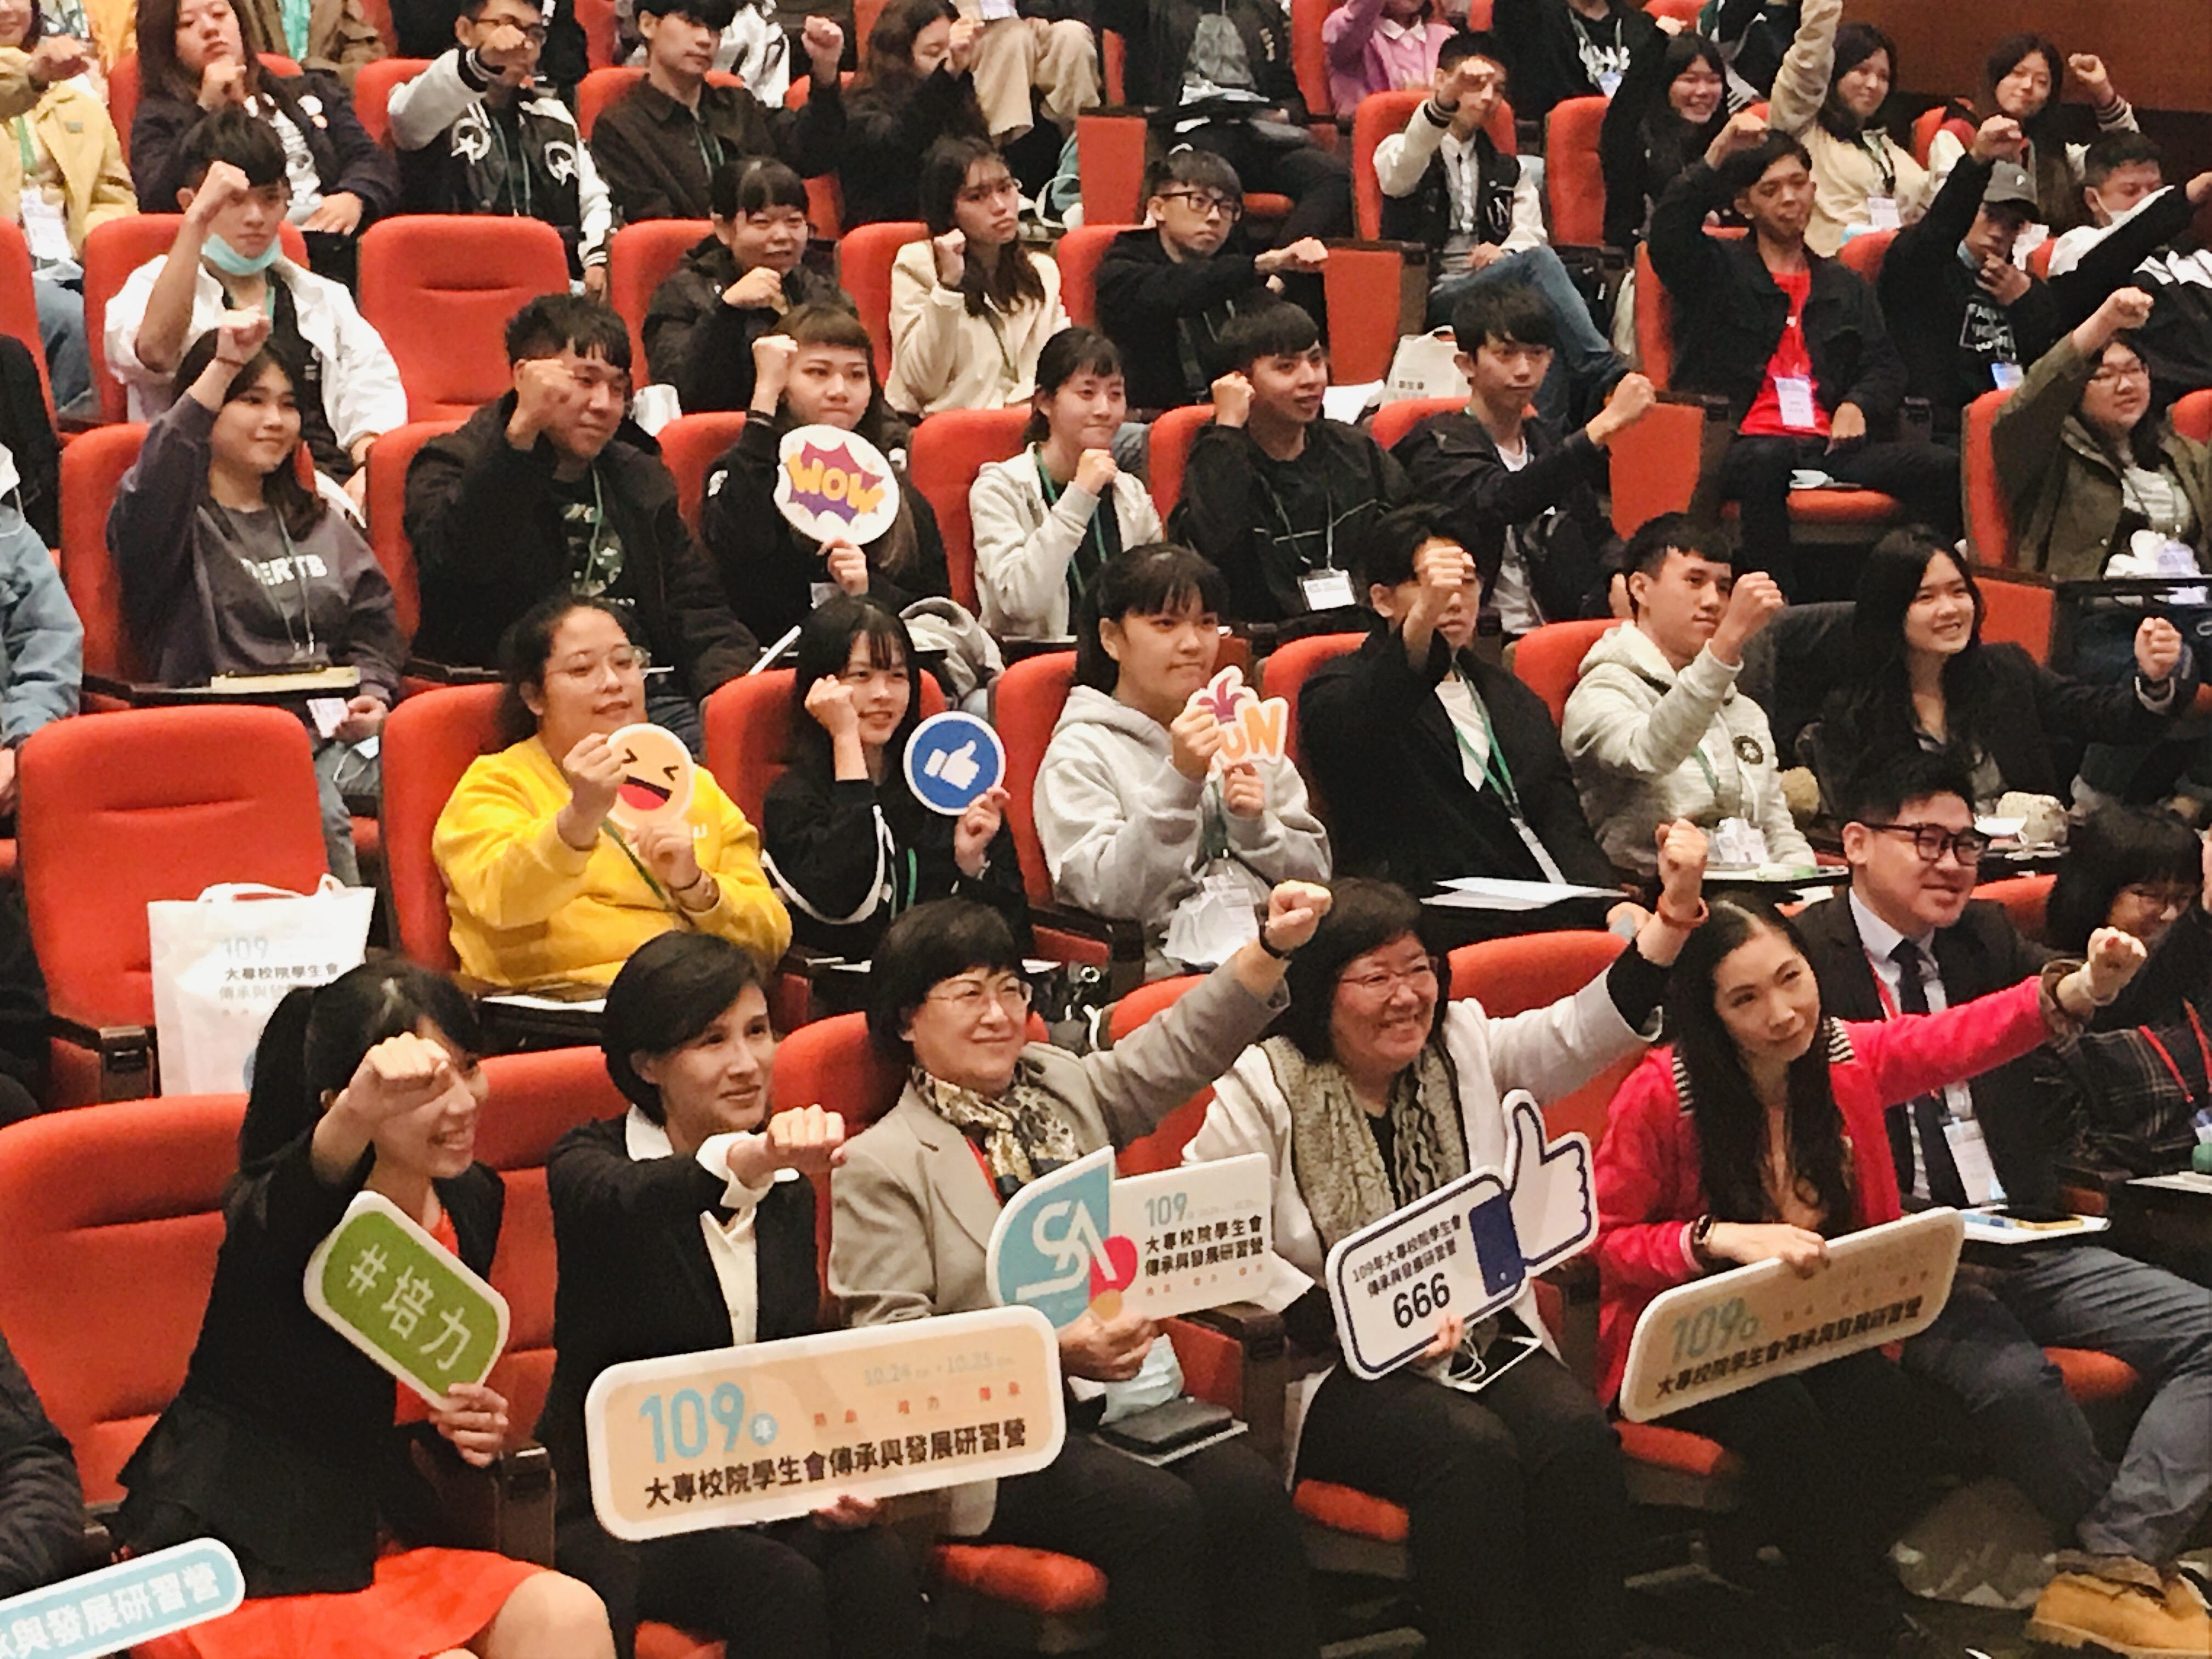 (圖四:圖為鄭麗君前部長演講結束後,大家舉起手來共同合照的畫面。)